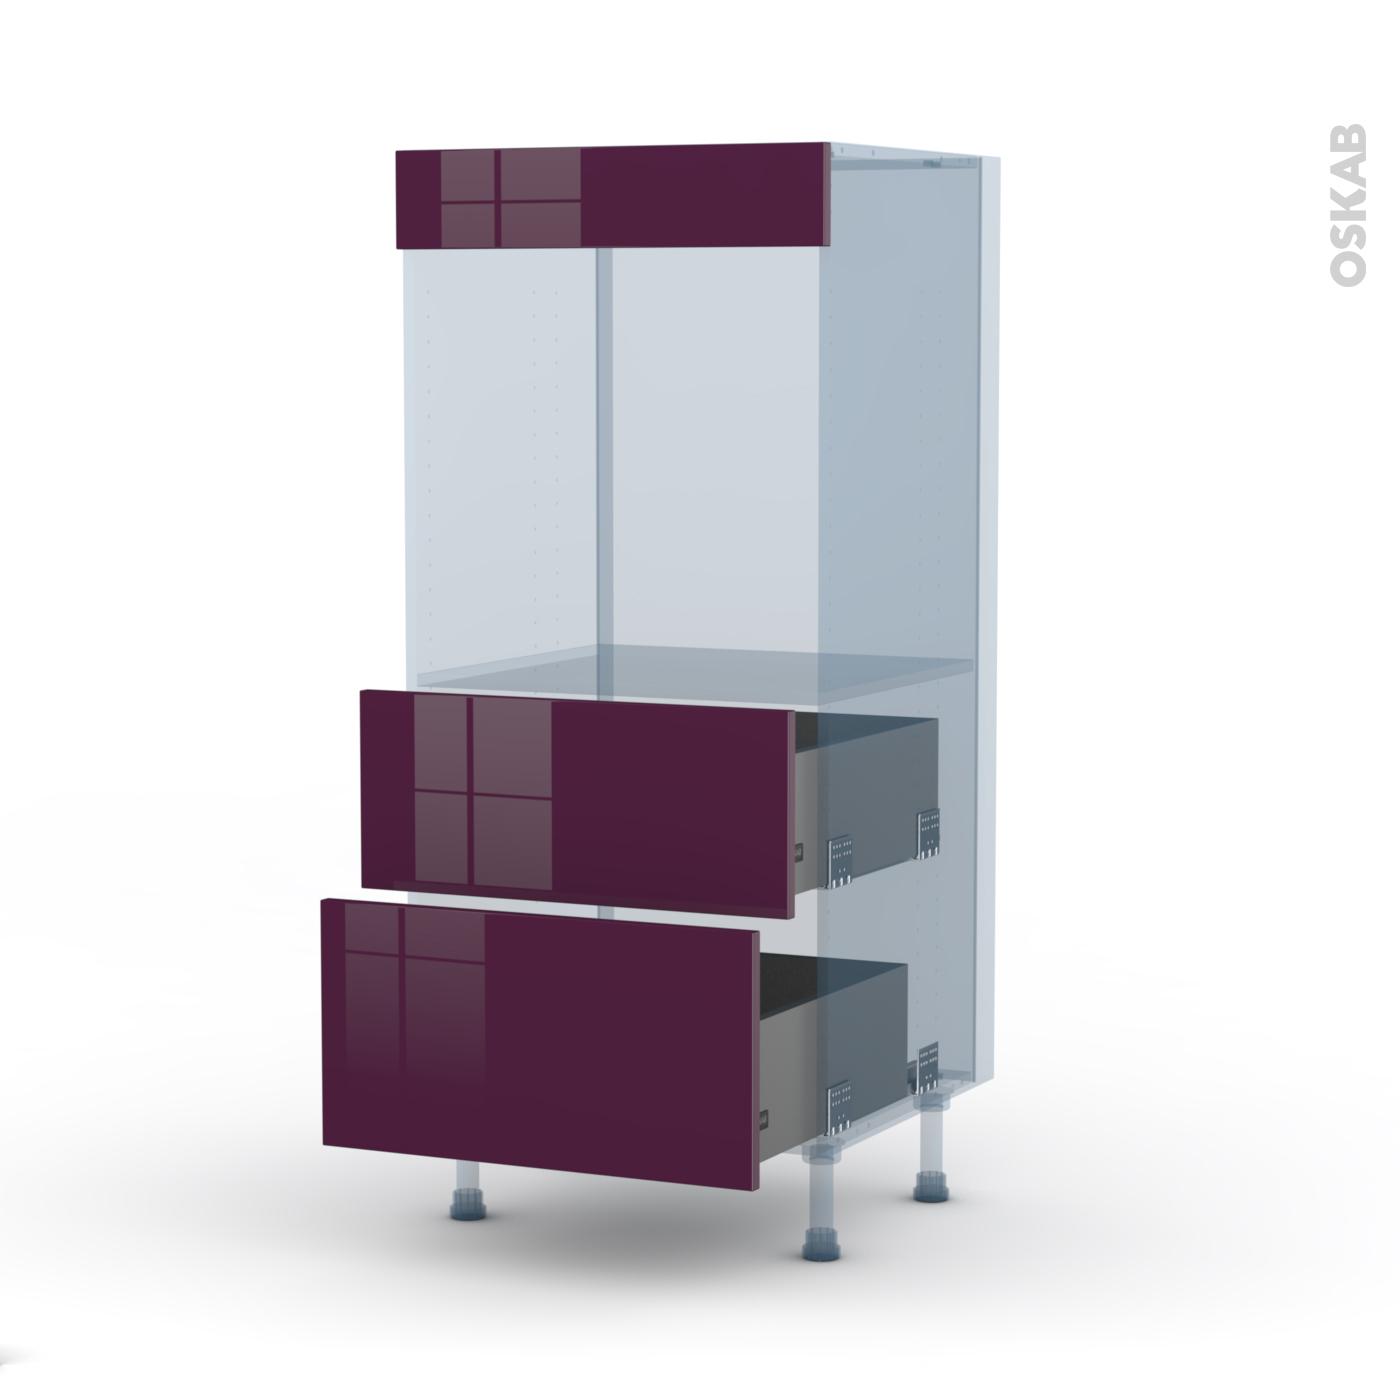 Meuble En Colonne Ikea keria aubergine kit rénovation 18 colonne four n°58 , 2 casseroliers,  l60xh125xp60